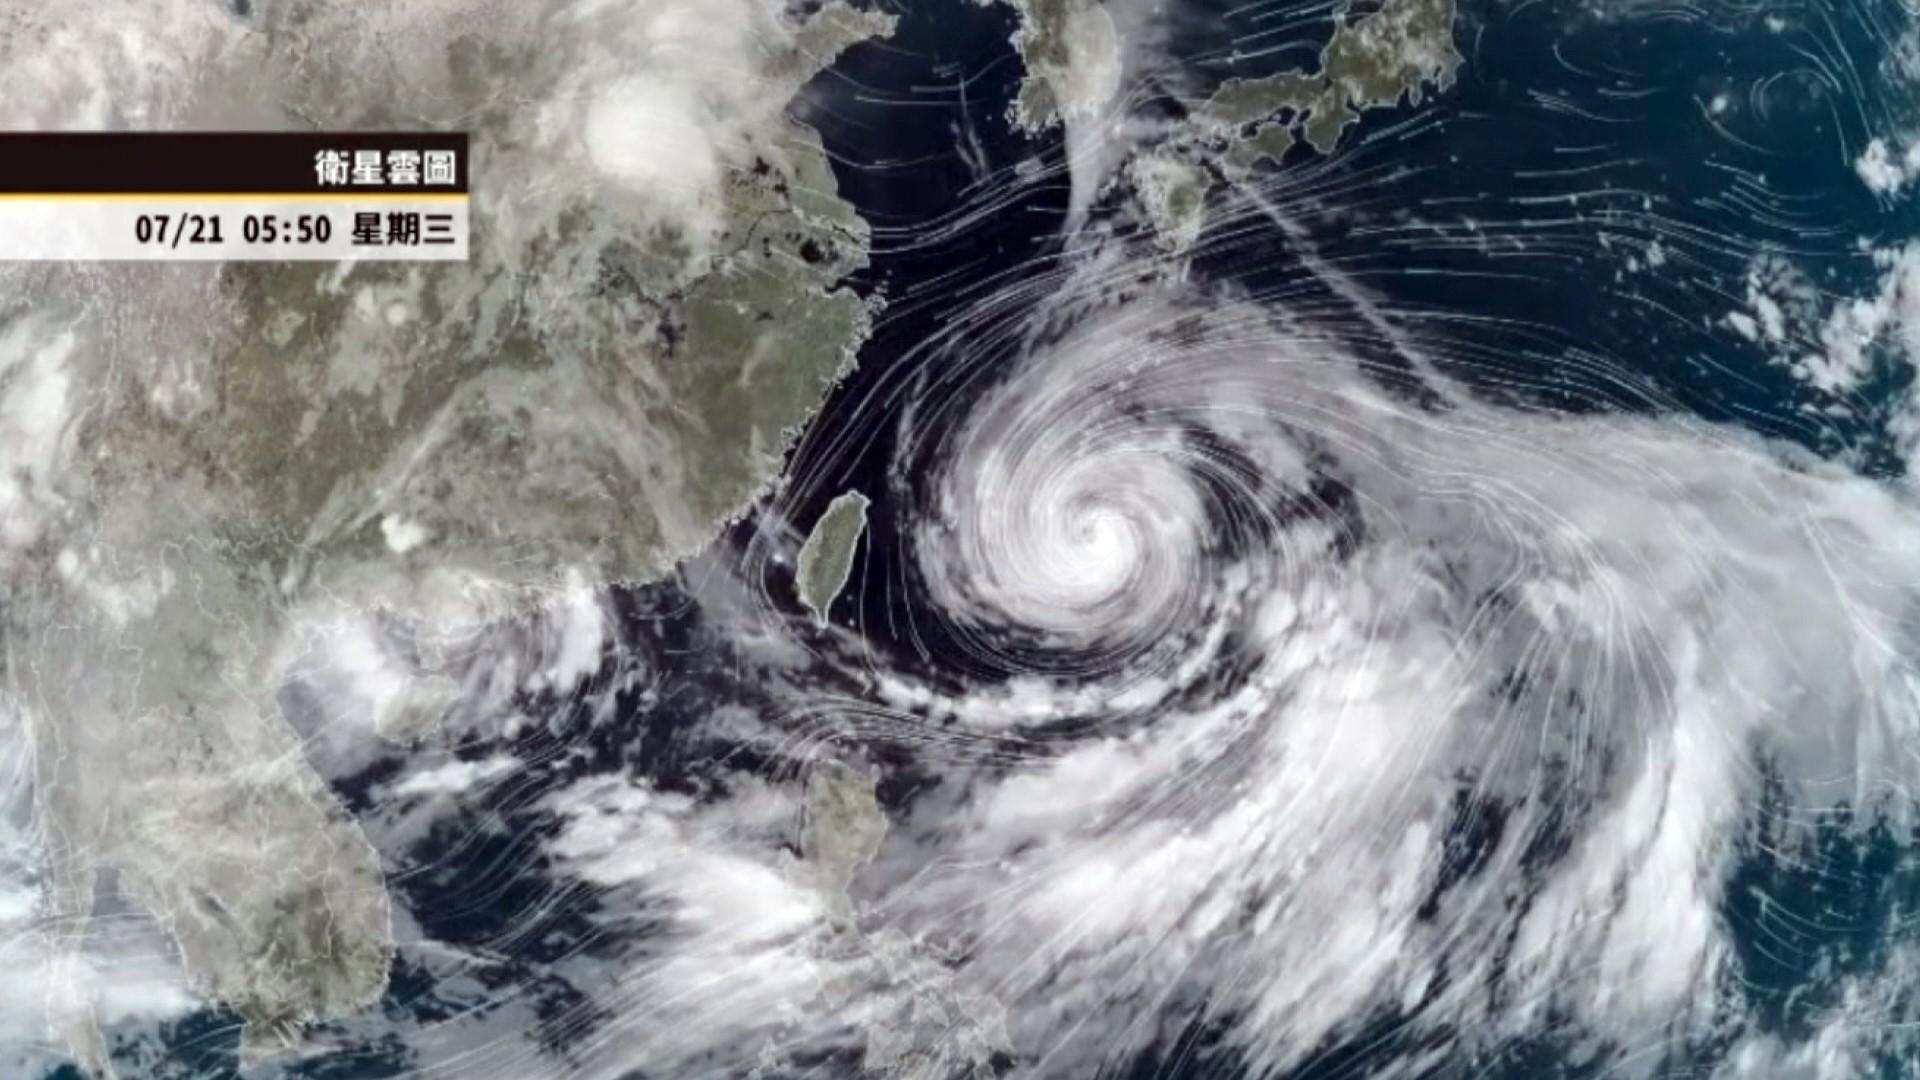 Sirkulasi luar taifun In-fa sebabkan gelombang panjang di Hualien